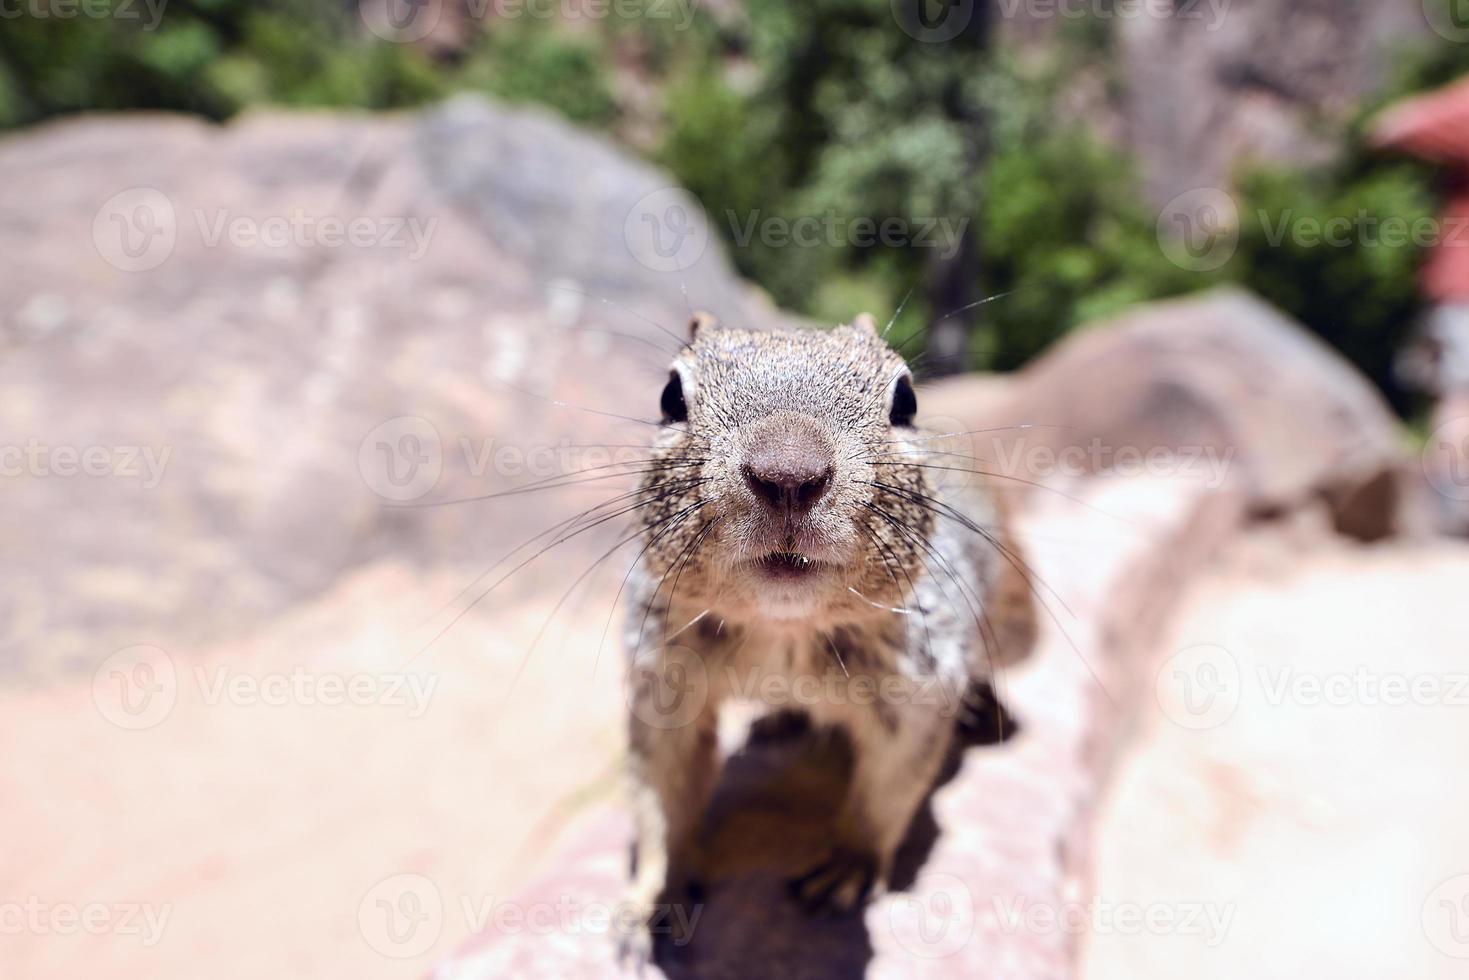 Uinta Groung scoiattolo foto